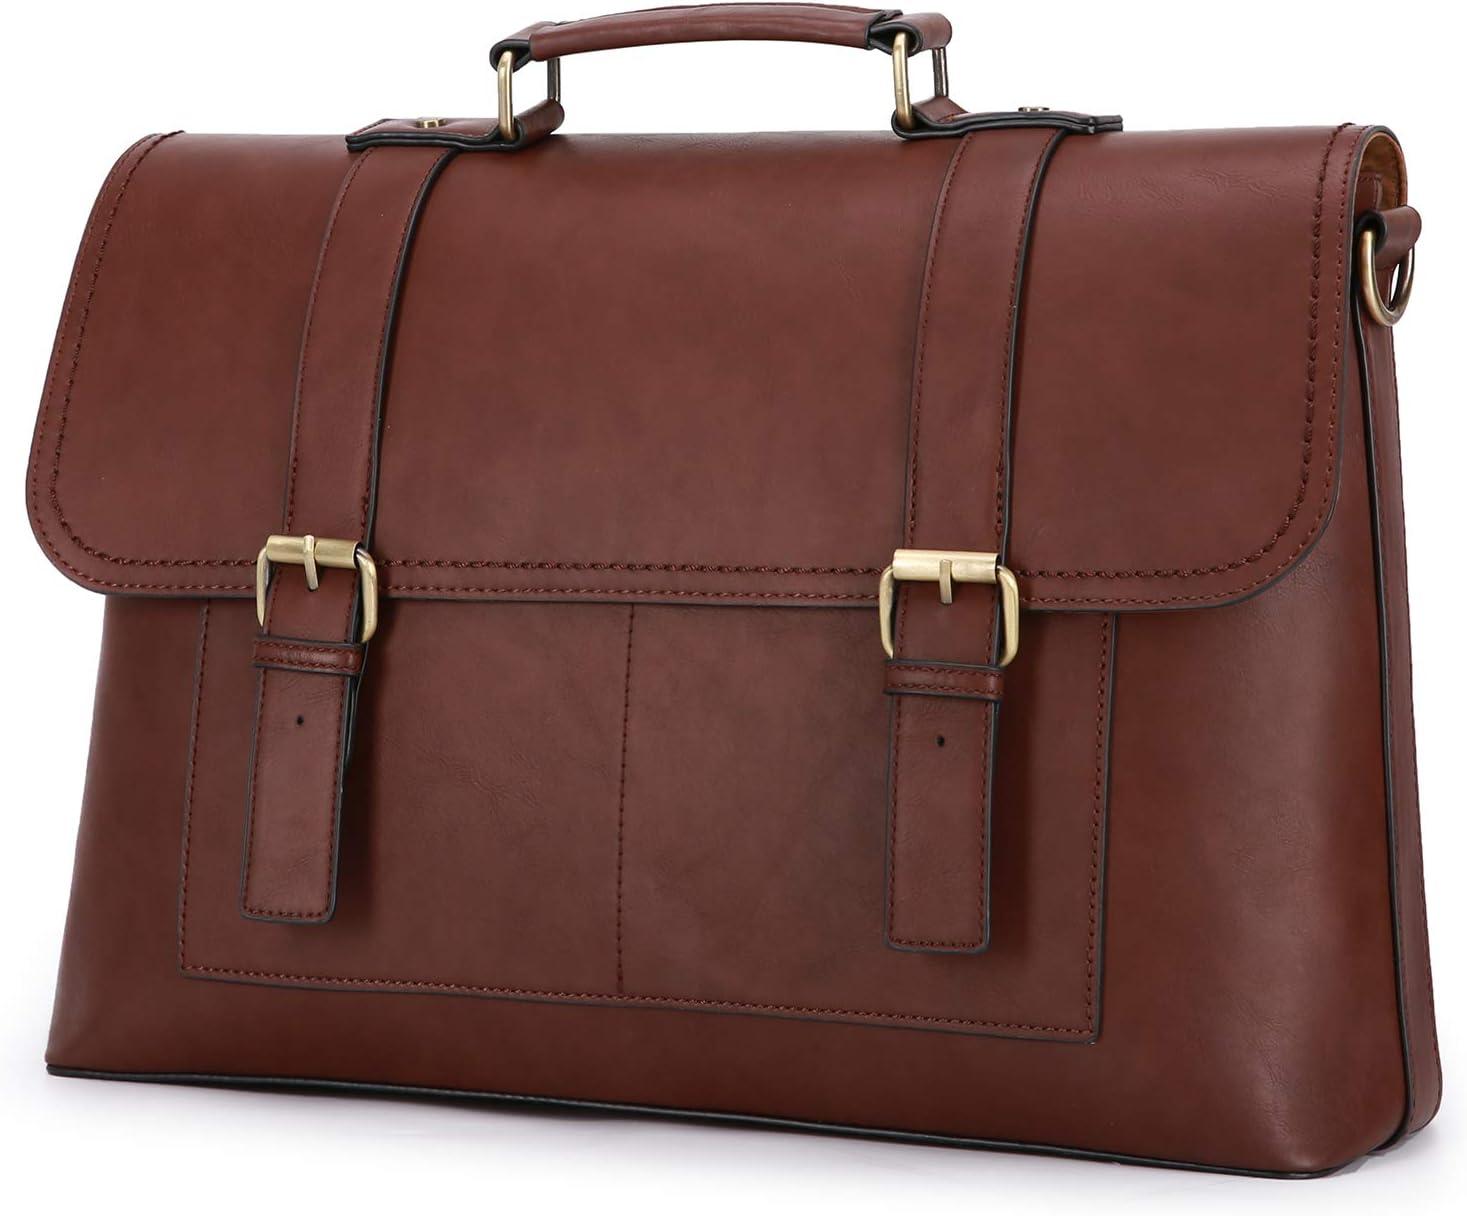 ECOSUSI Briefcases for Men Messenger Bag 15.6 Inch Laptop Bag Slim Briefcase Water Resistance Vintage Satchel Bag